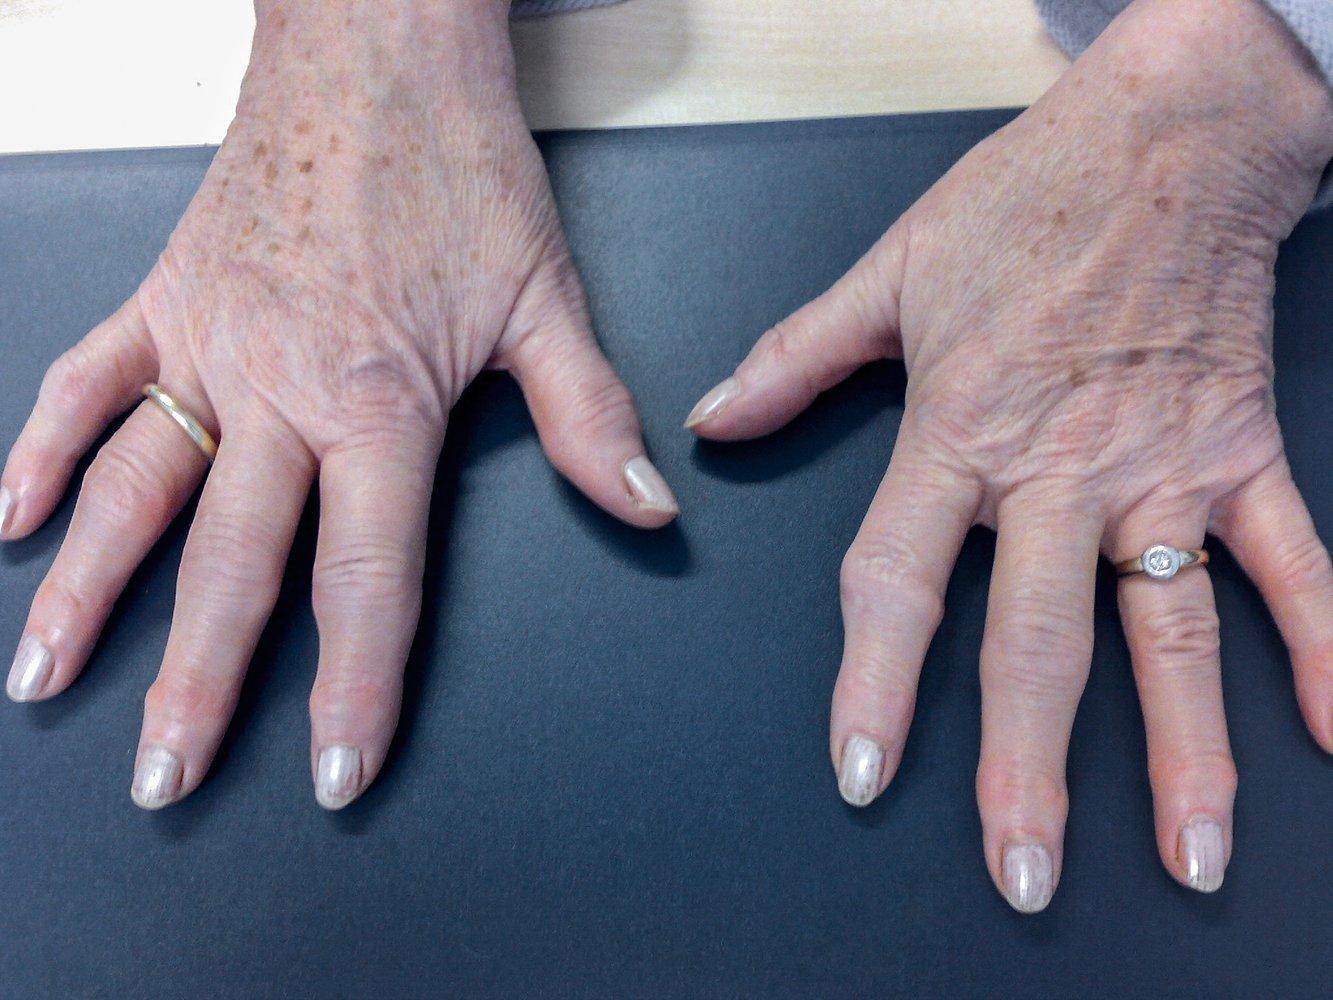 Az osteoarthritis arthritis kezelésével ellentétben - Van holden csípőfájdalma